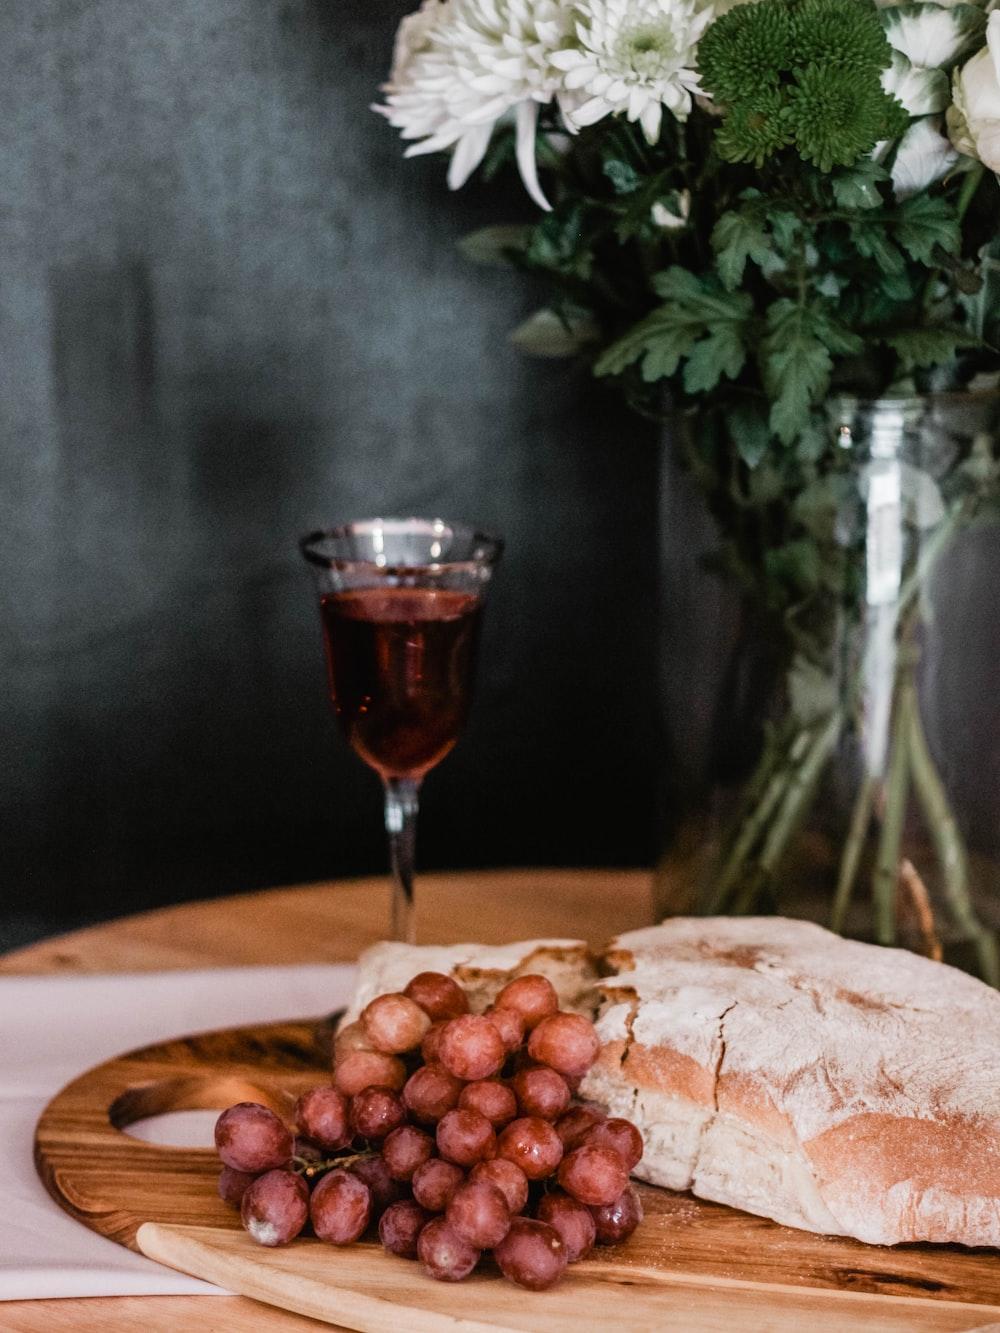 purple grapes beside bread